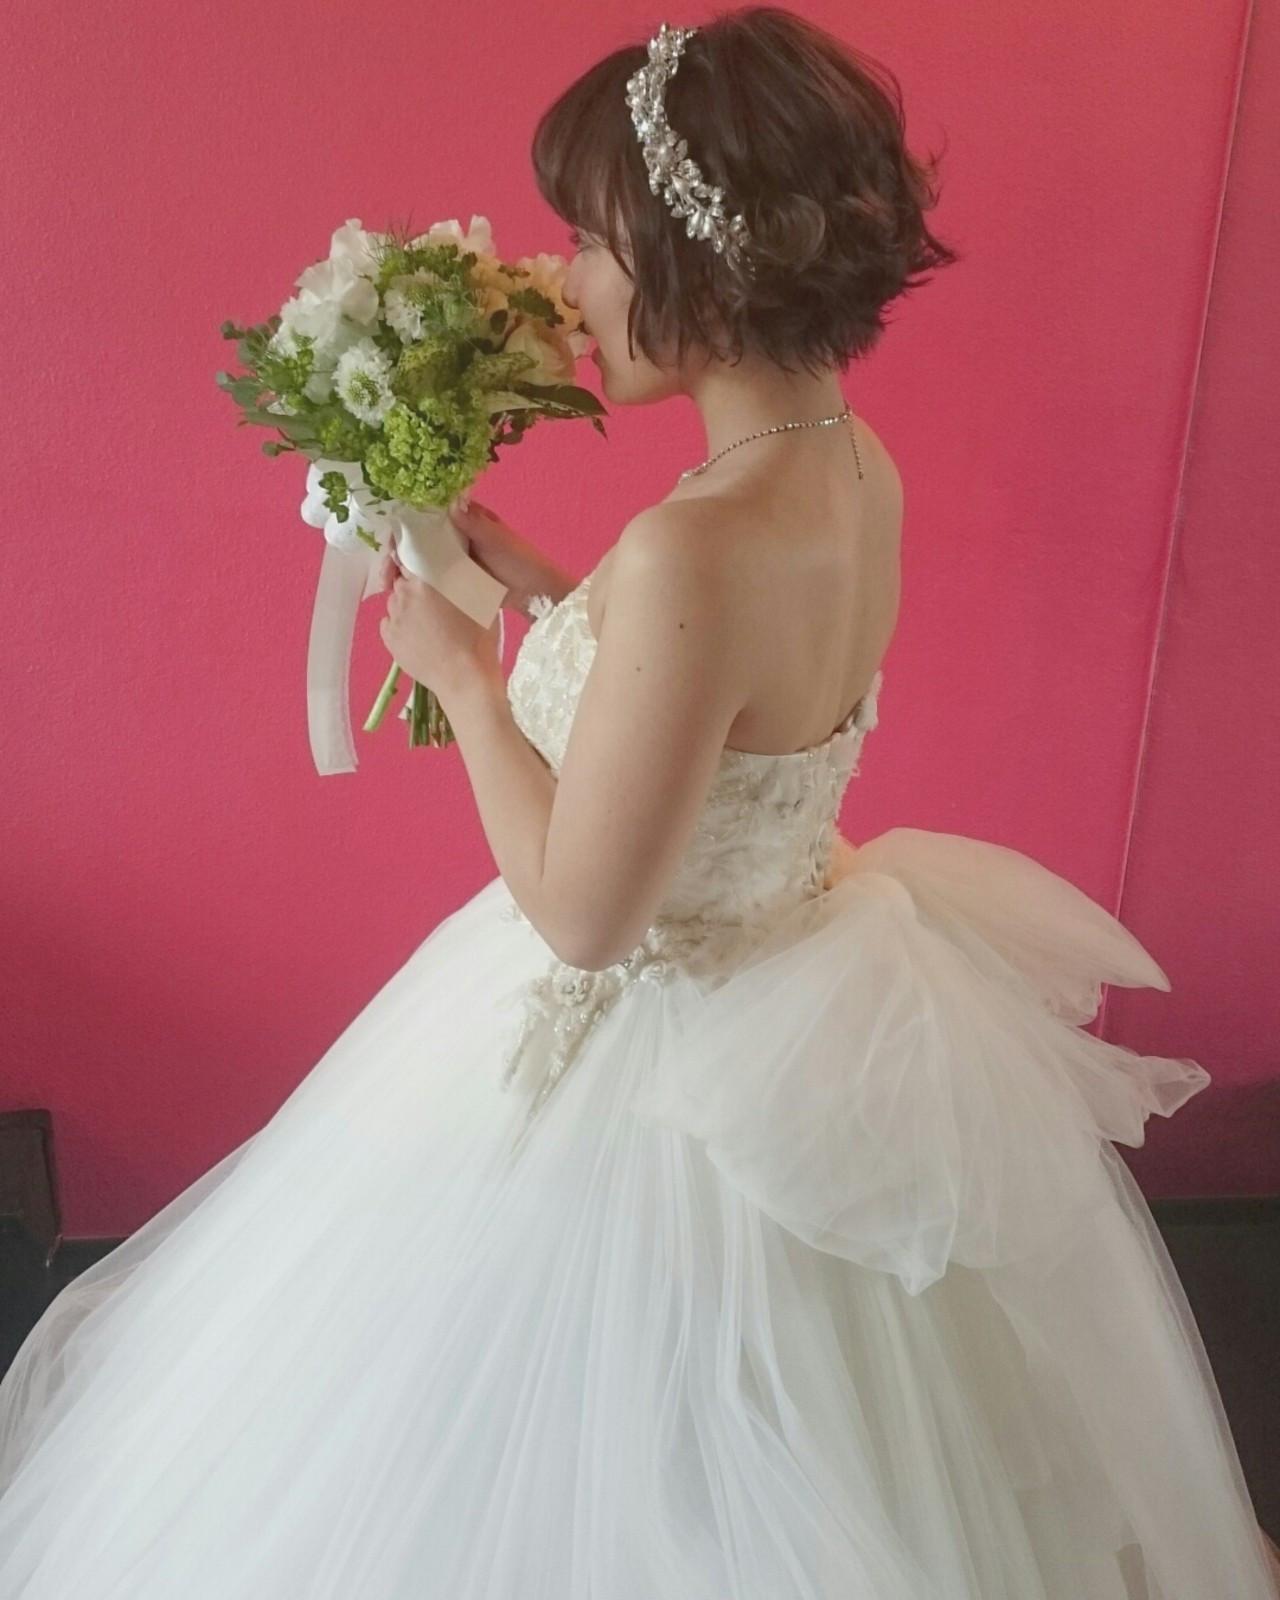 ブライダル ドレス ゆるふわ ガーリー ヘアスタイルや髪型の写真・画像